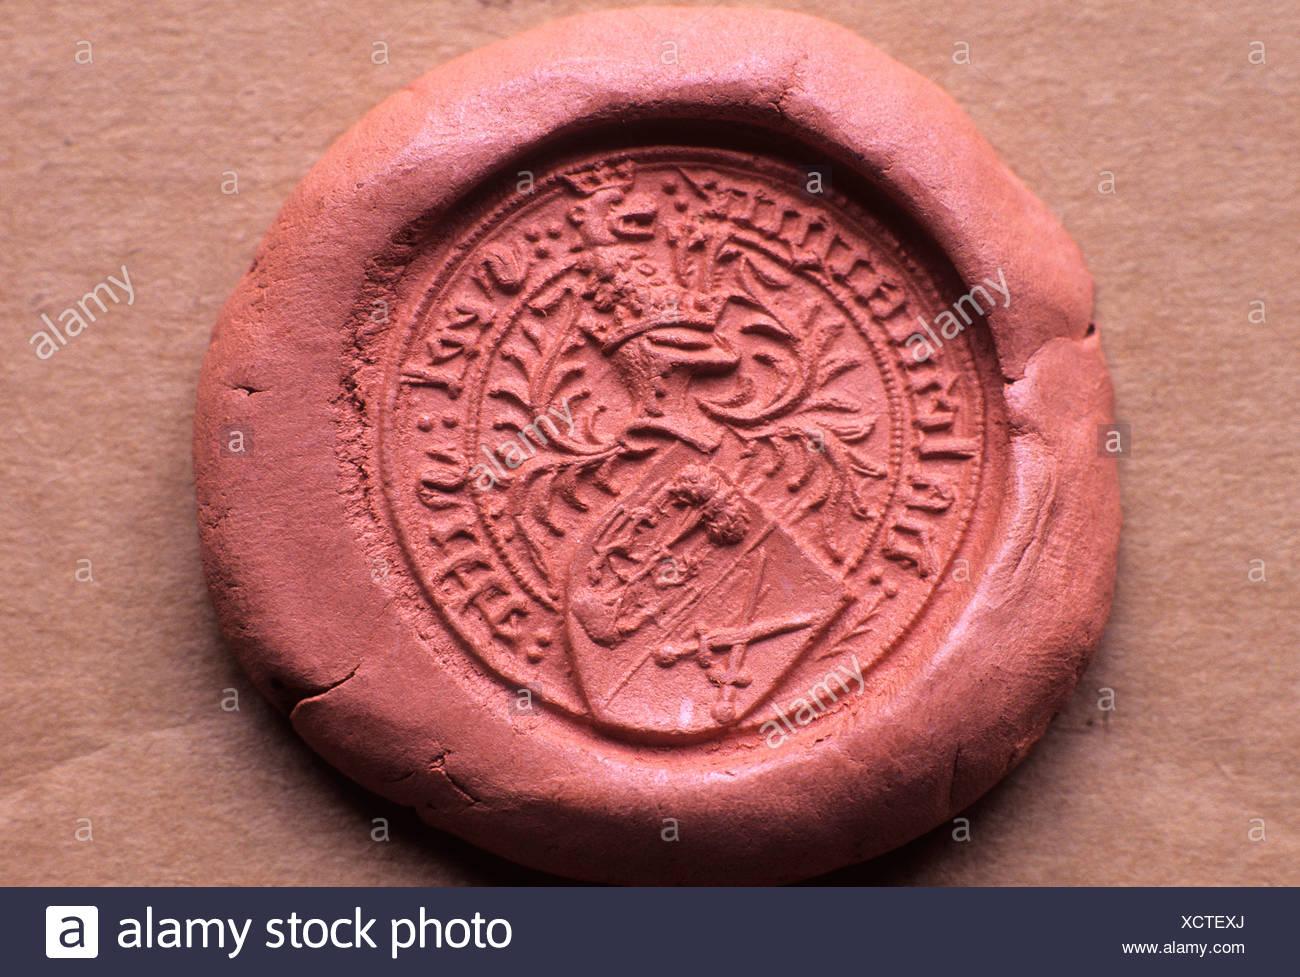 Eindruck in Wachs von mittelalterlichen 15. Jahrhundert Siegelstempel Stockbild